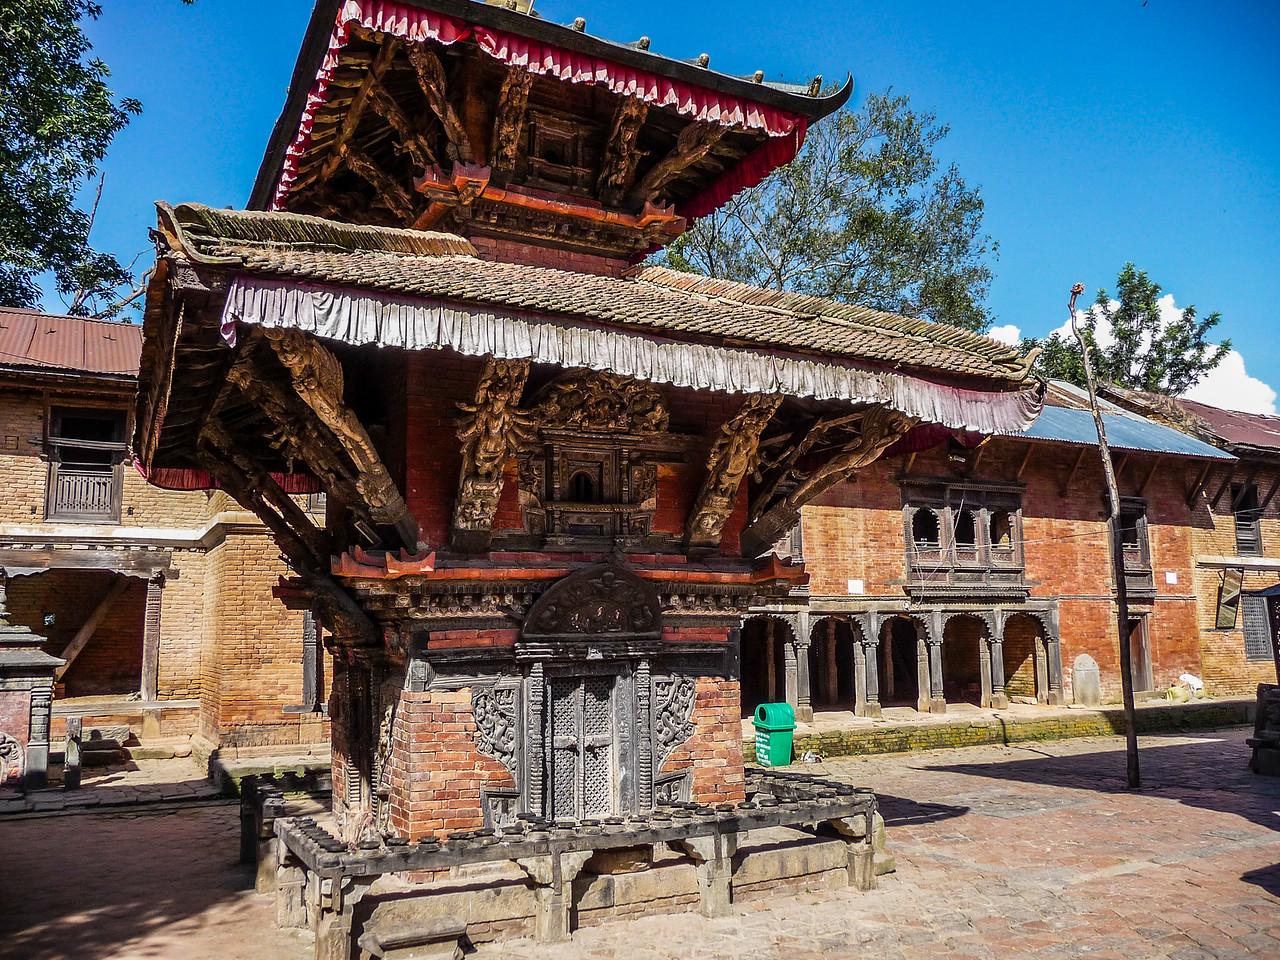 Changu Narayan, Nepal